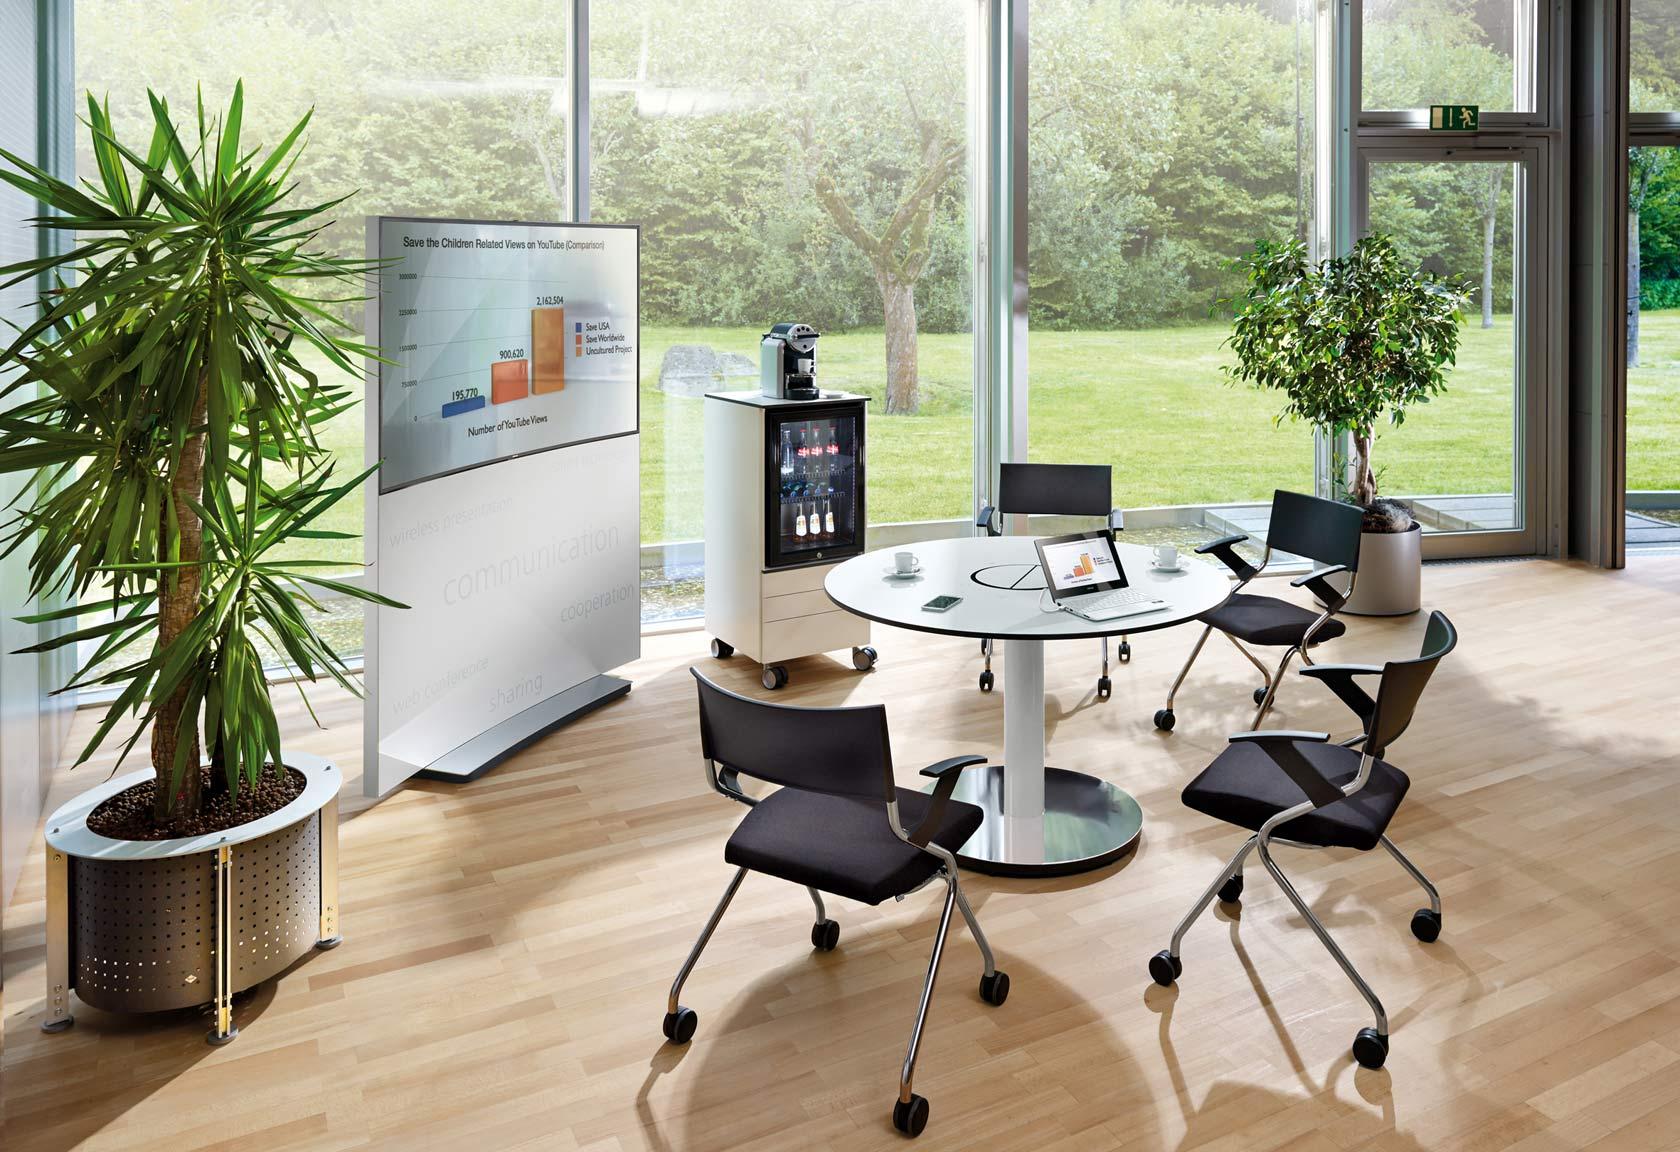 Mobile Konferenzmöbel für kleinere Meetings